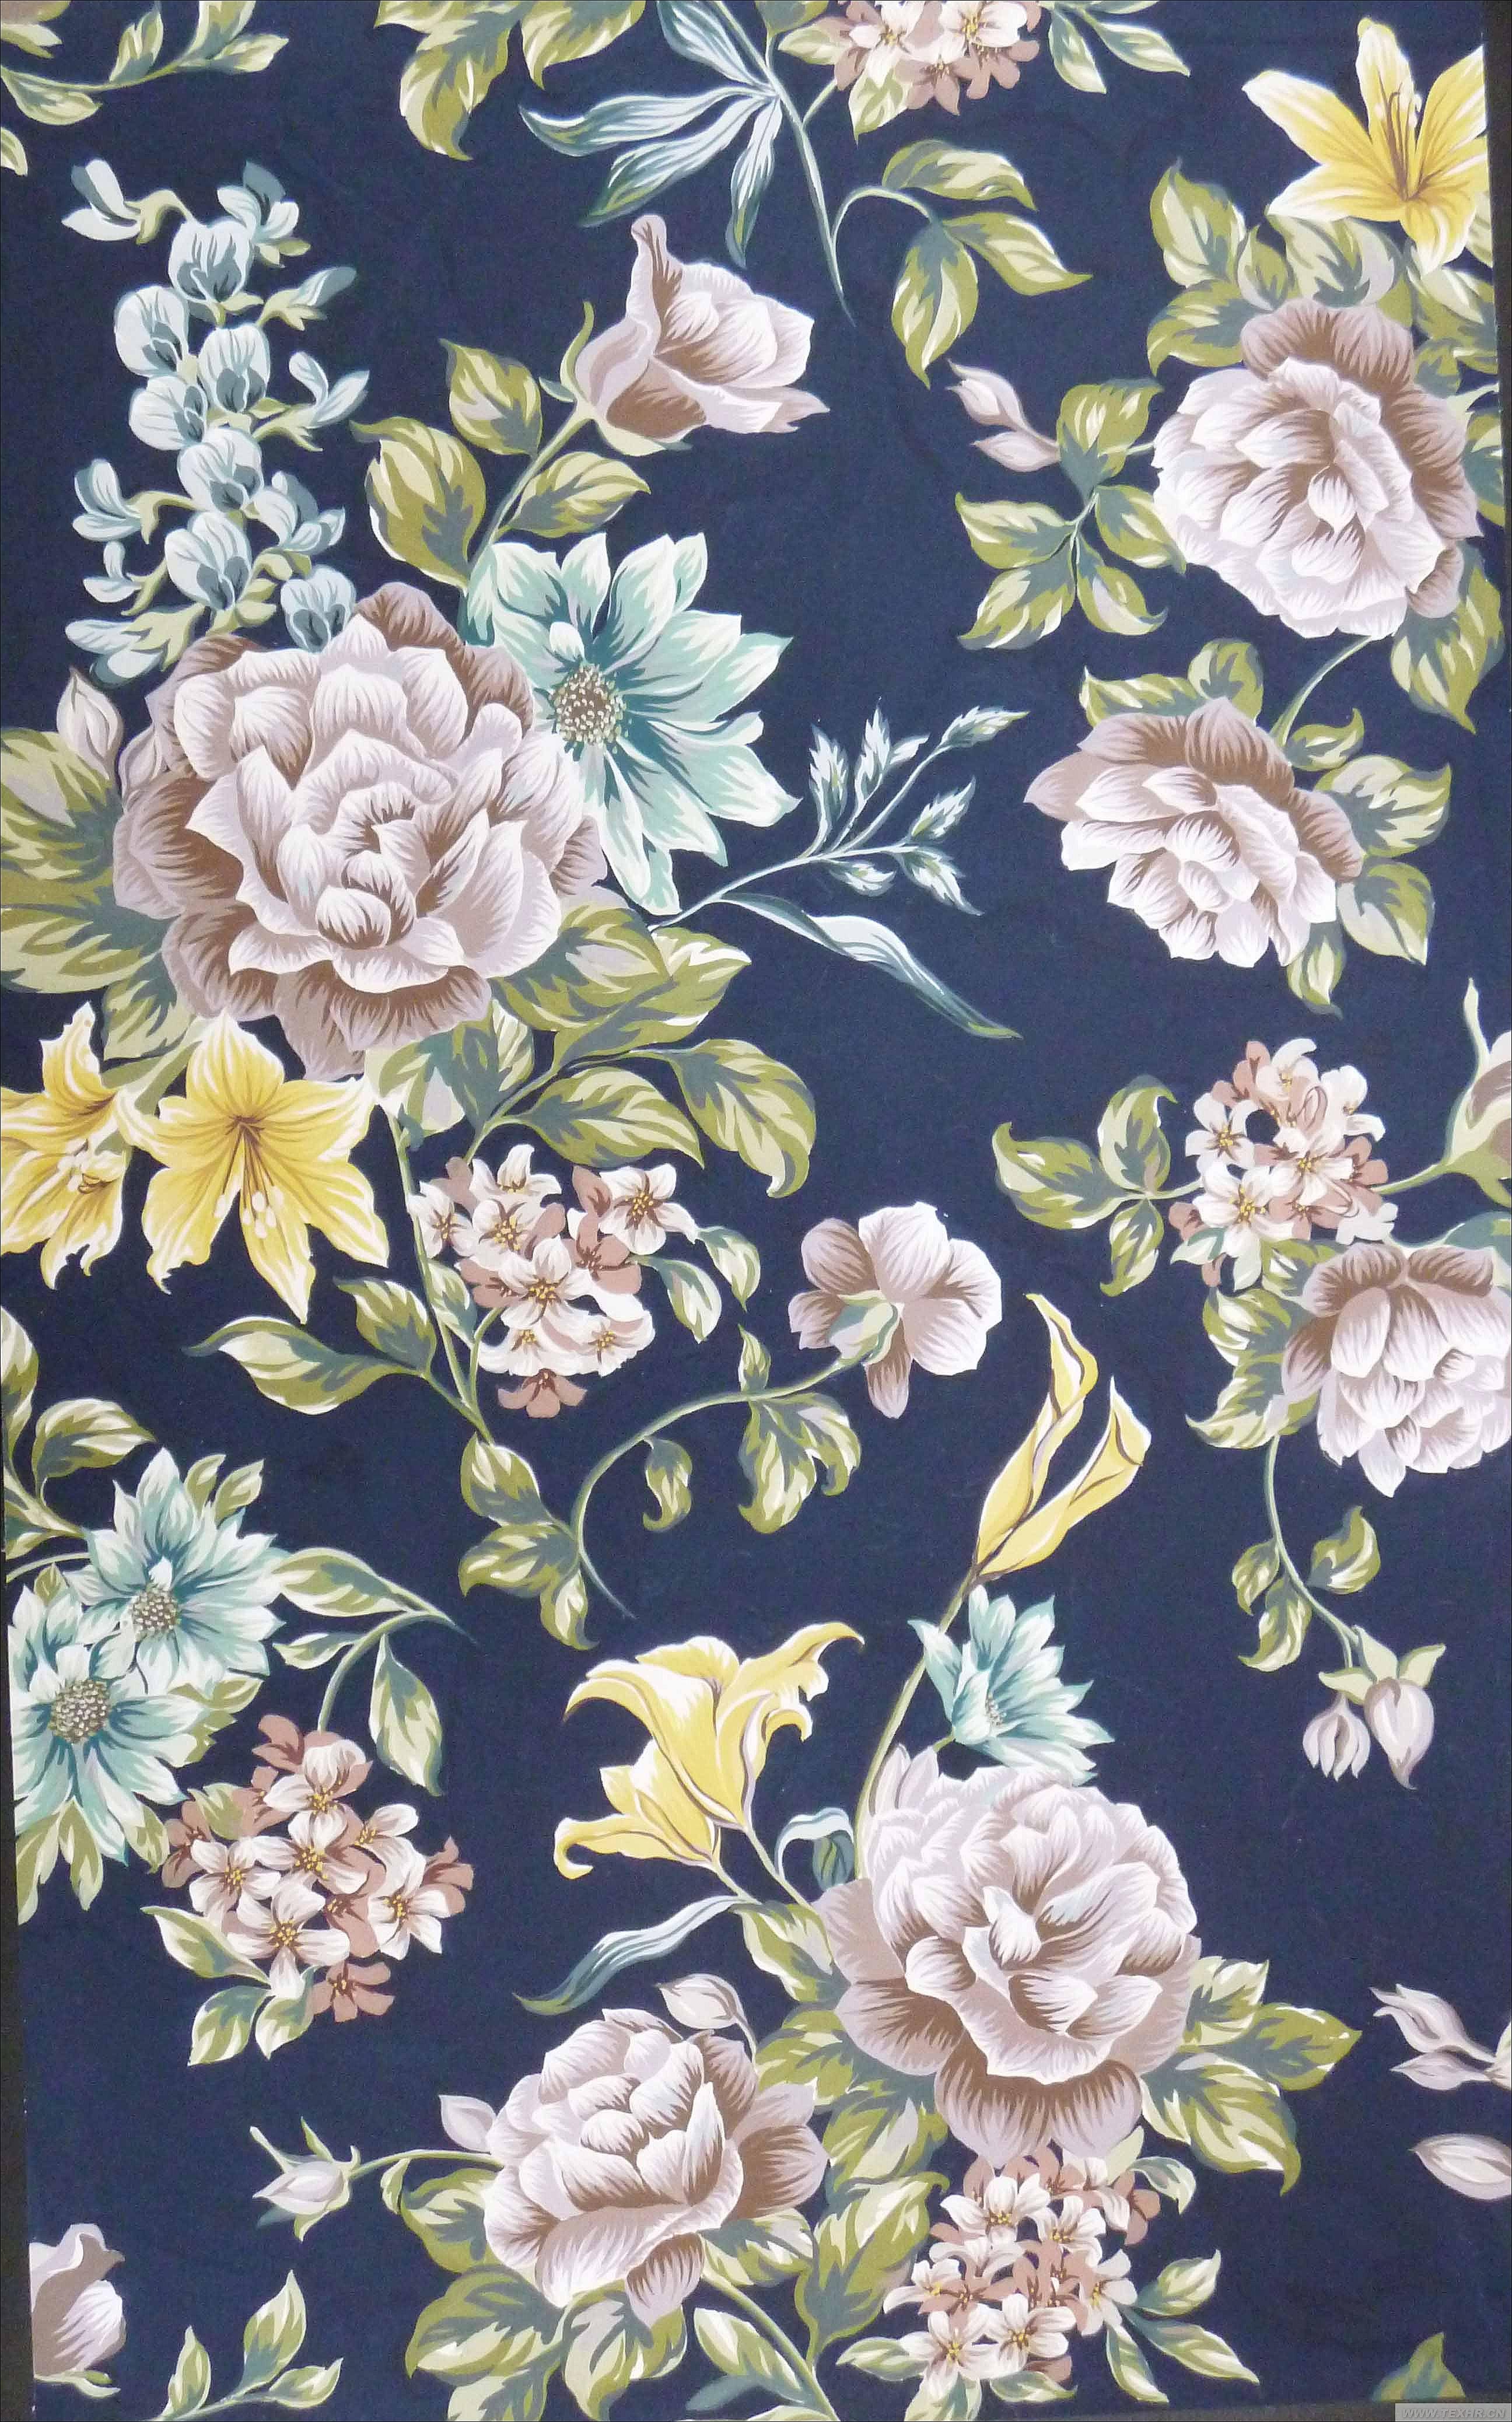 此图为可接版的四方连续,主花型运用的是蔷薇和百合进行搭配,加以小花衬托。色调以冷调为主,加以部分暖调,使它们之间彼此和谐。